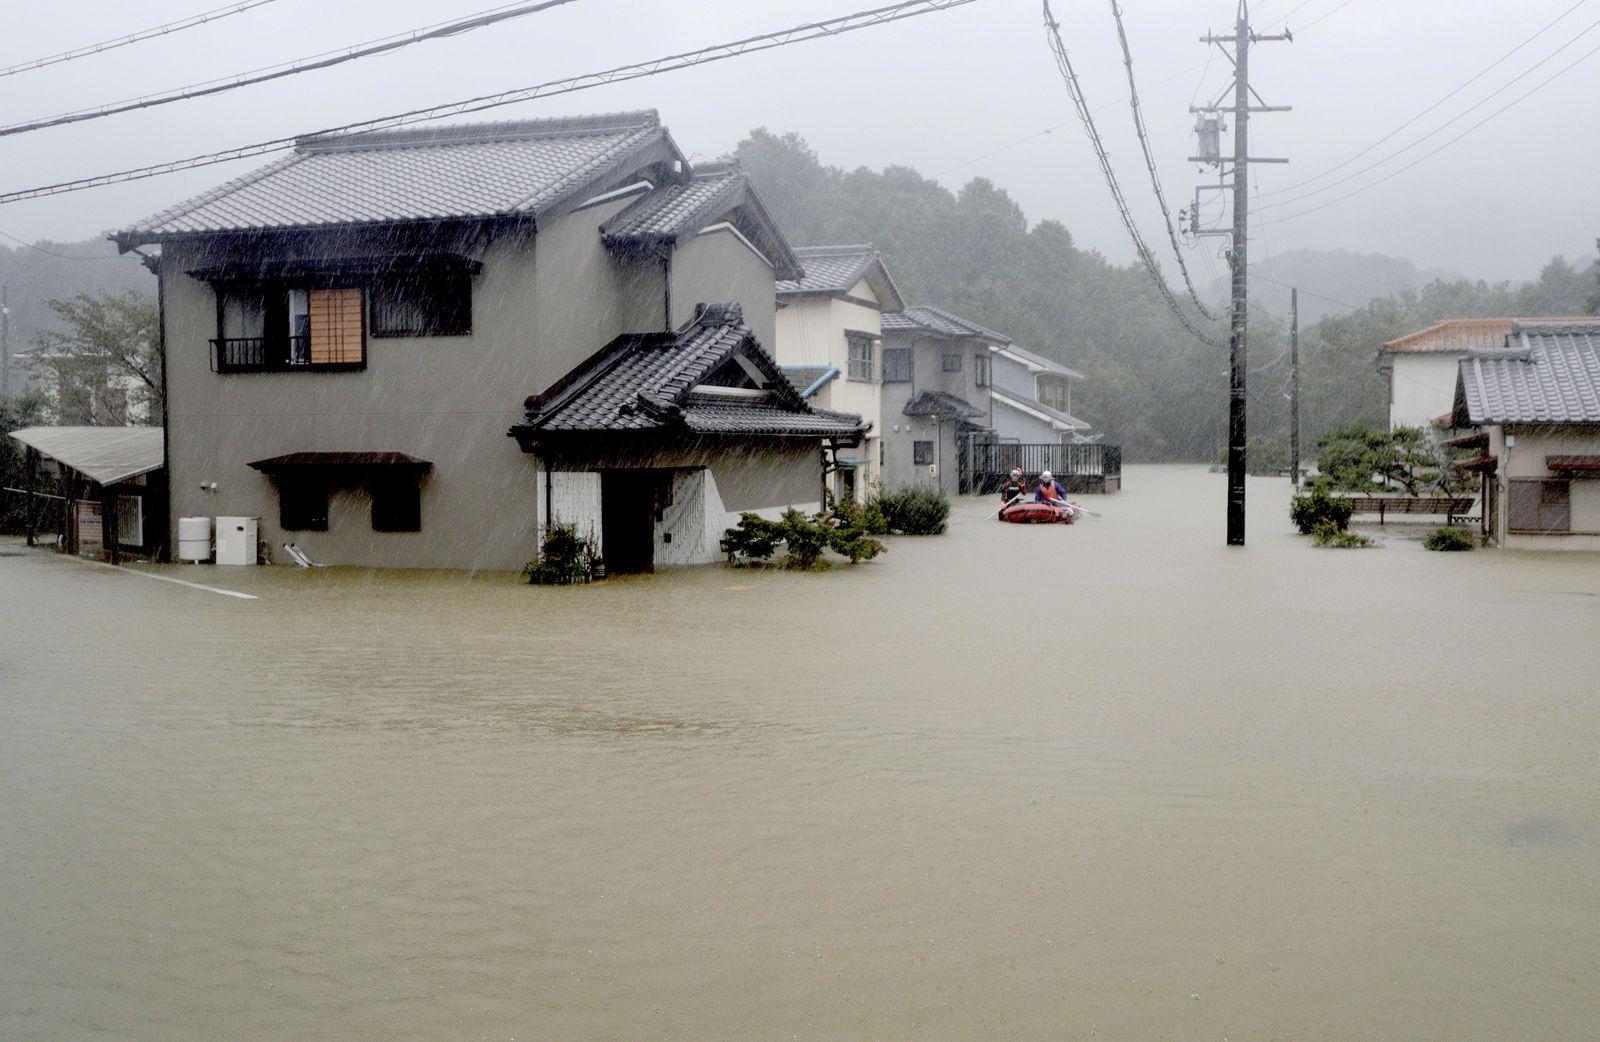 ASIA-STORM/JAPAN